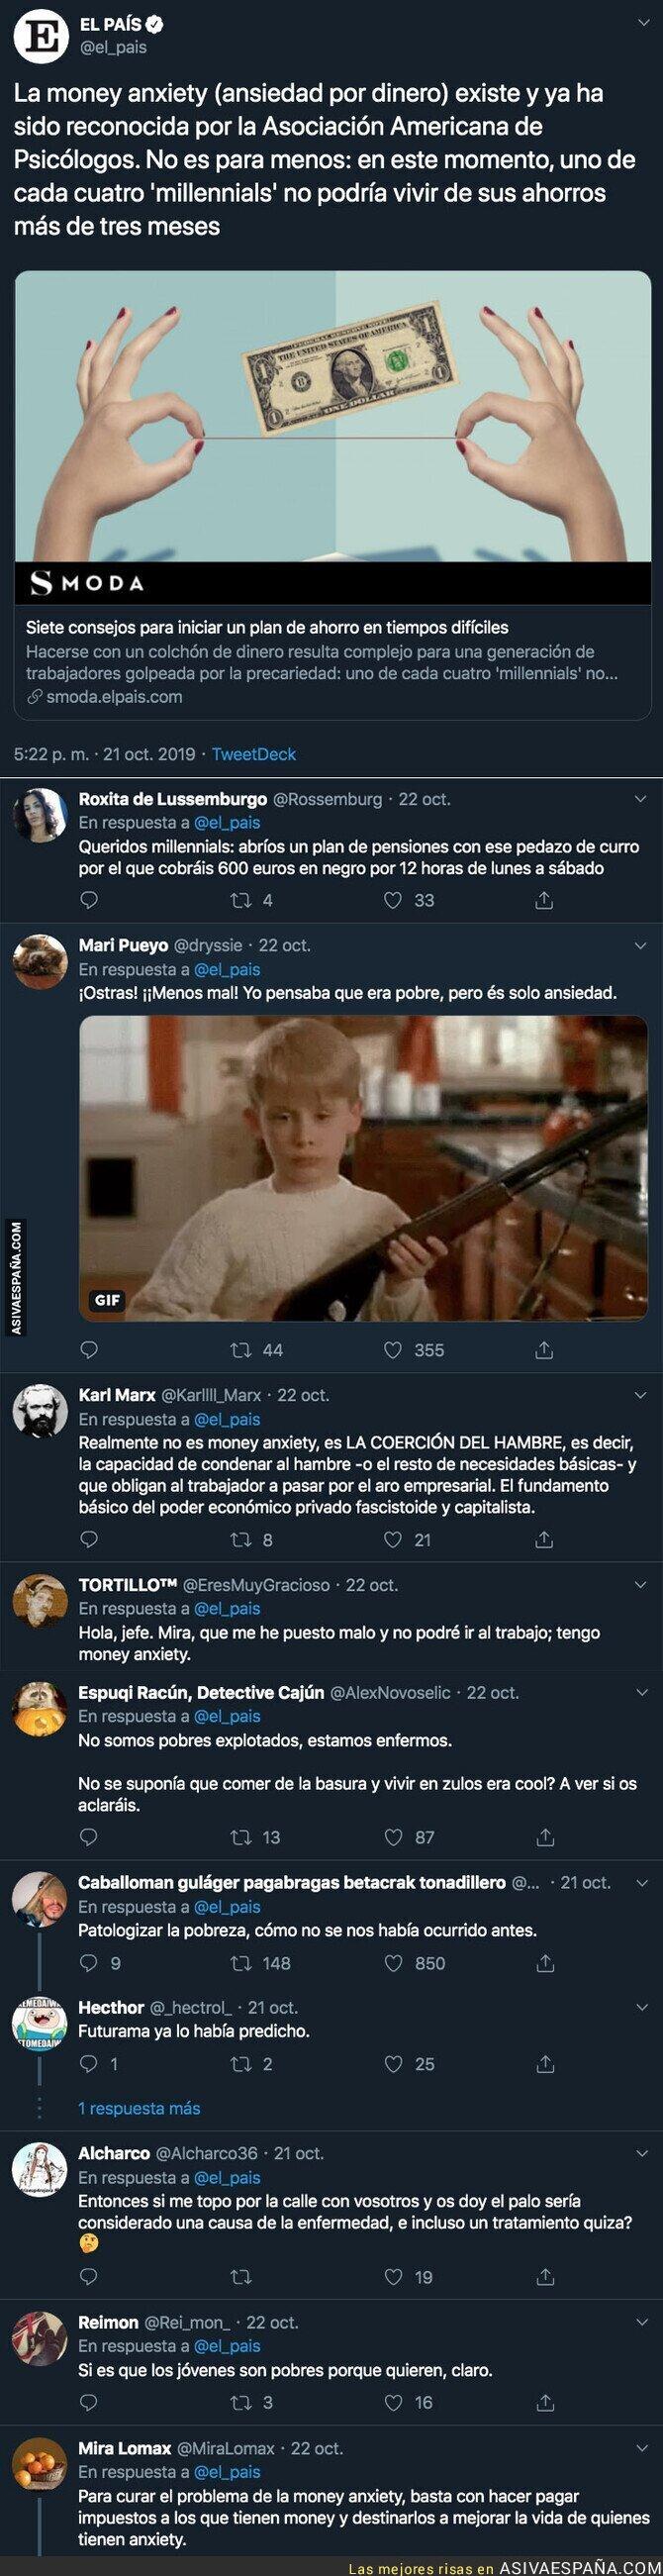 124935 - Fuertes críticas a 'El País' por hablar de 'money axiety' para patologizar la pobreza